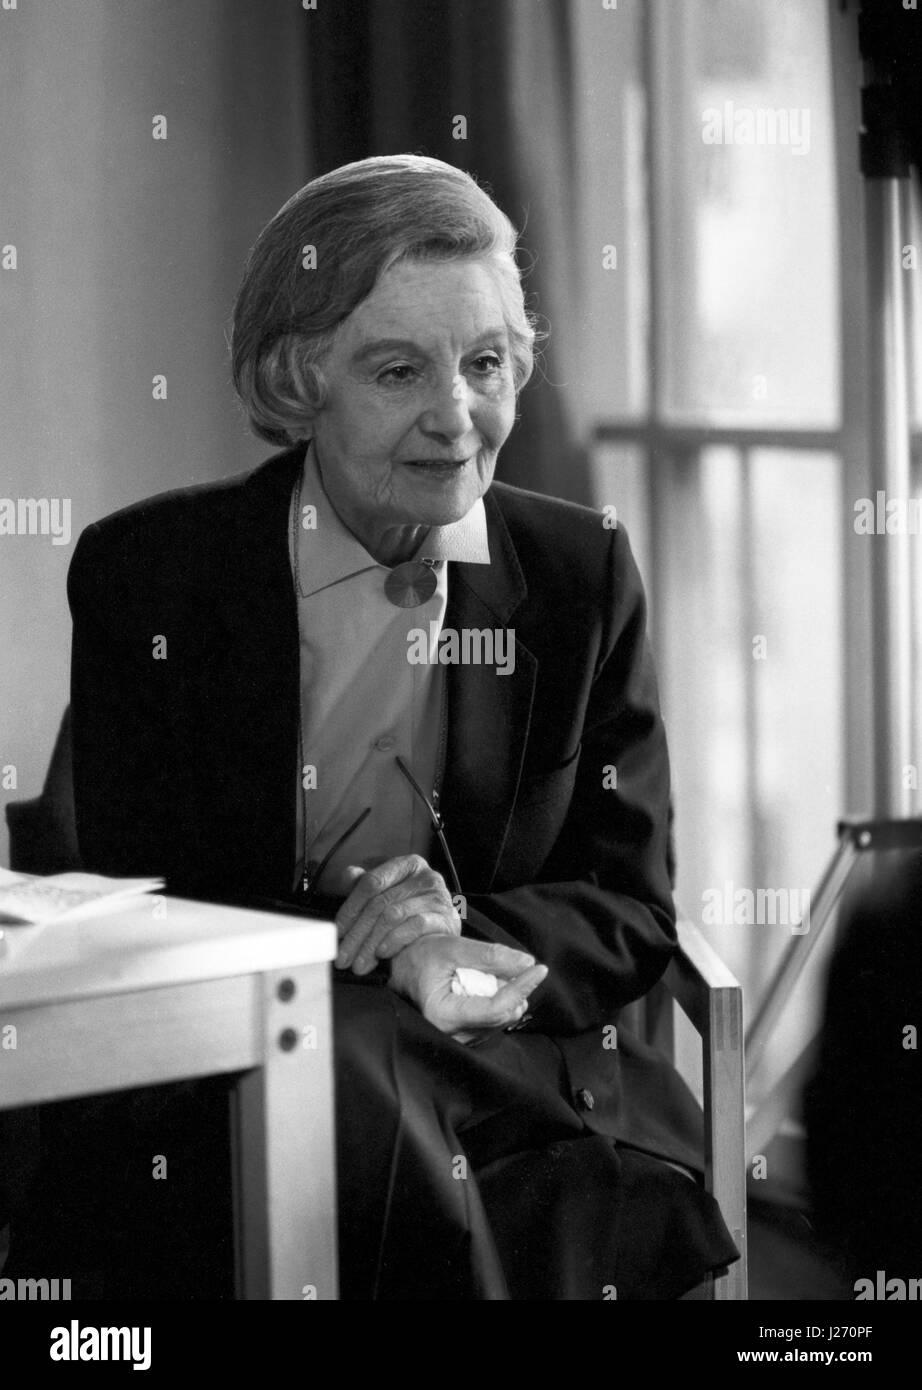 Jacques schell photographe synthesis of all pictures from www - Die Sterreichisch Britische Schauspielerin Und Regisseurin Elisabeth Bergner Deutschland 1980er Jahre Austrian Stock